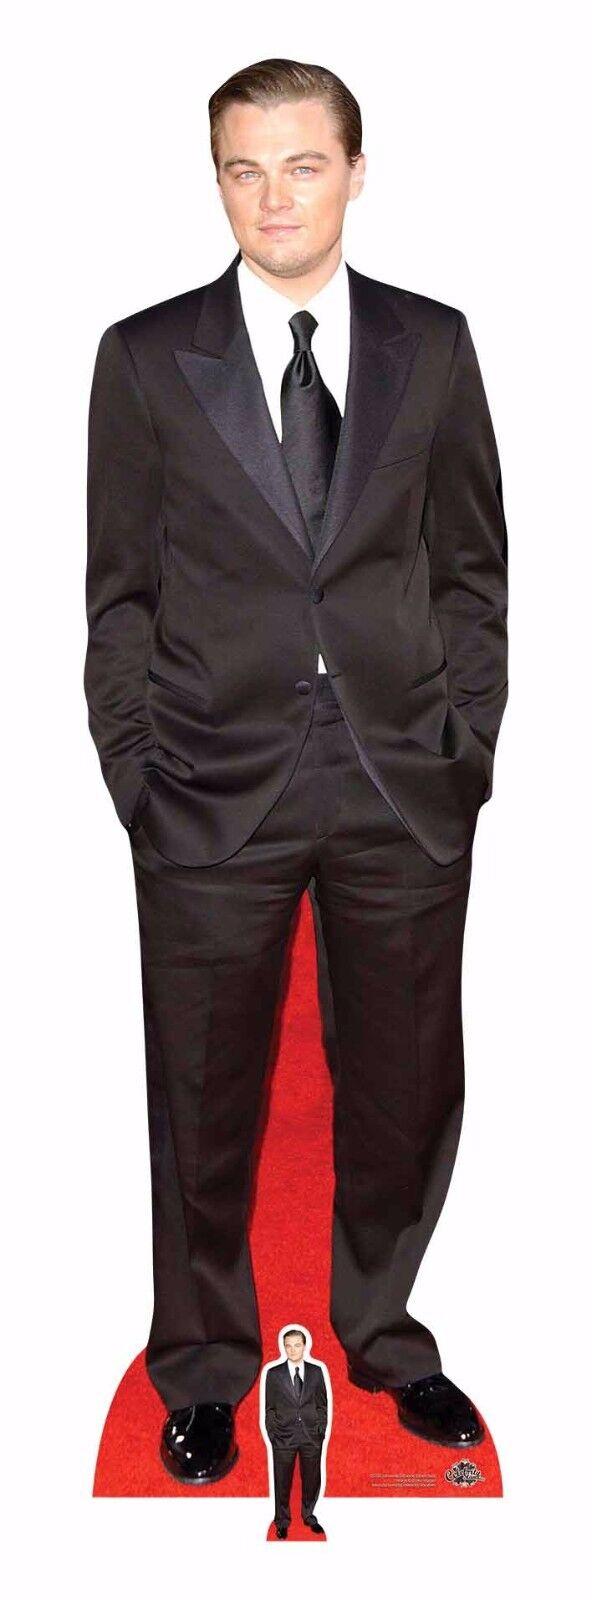 Leonardo DiCaprio Schwarzer Anzug Anzug Anzug lebensechte Größe und Pappfigur   Aufsteller | Maßstab ist der Grundstein, Qualität ist Säulenbalken, Preis ist Leiter  | Sale Düsseldorf  163318